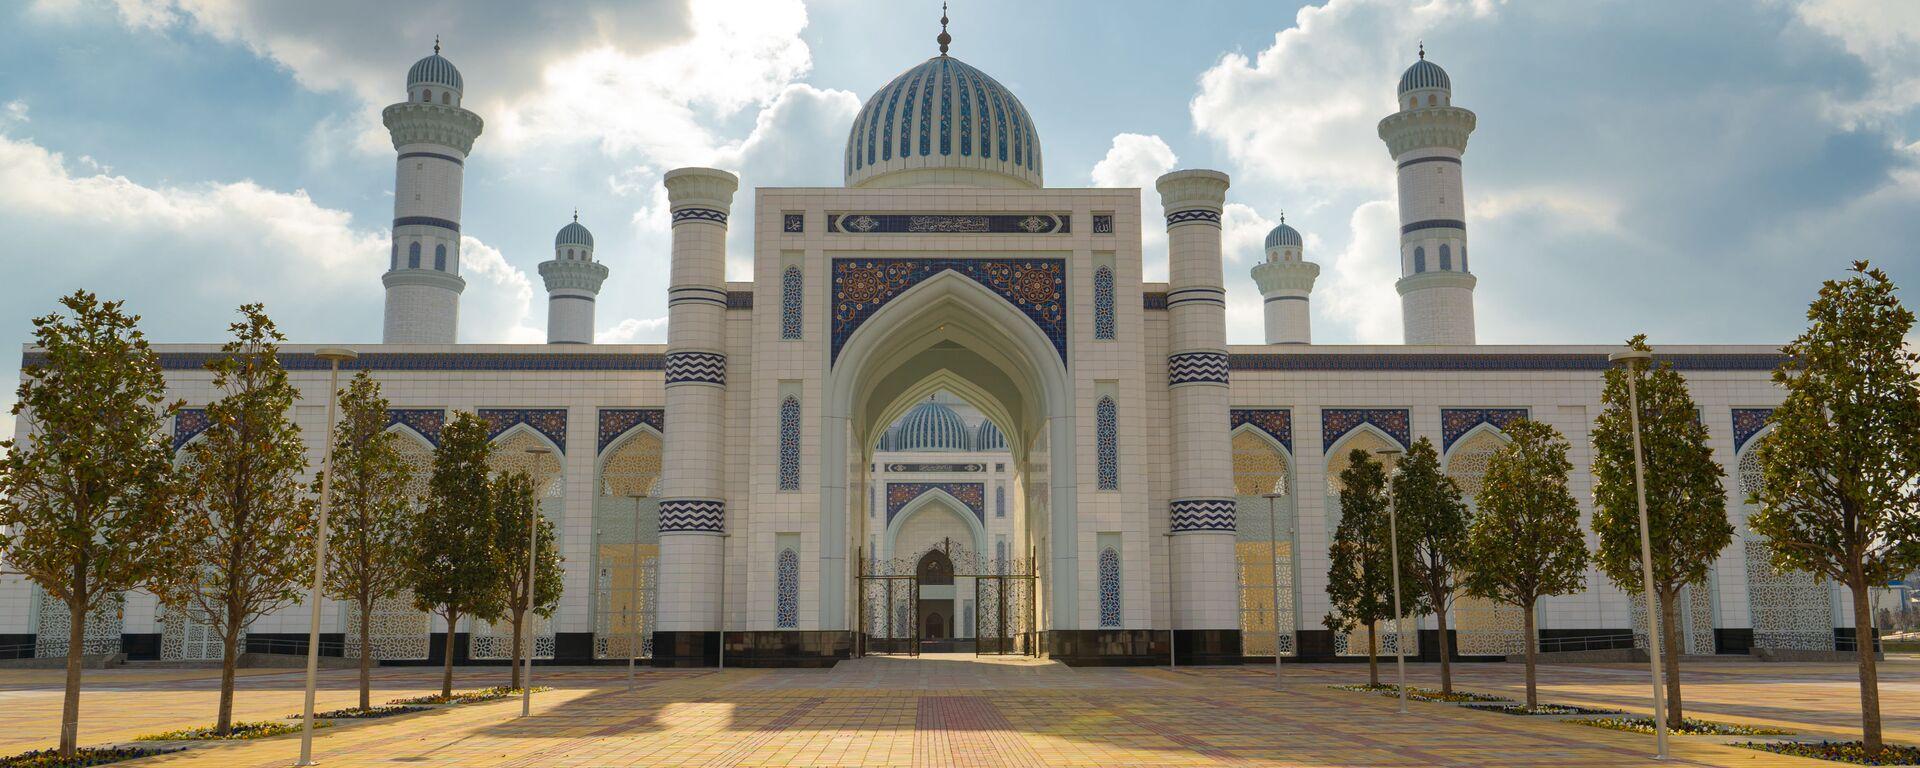 Новая мечеть в Душанбе  - Sputnik Таджикистан, 1920, 06.05.2021